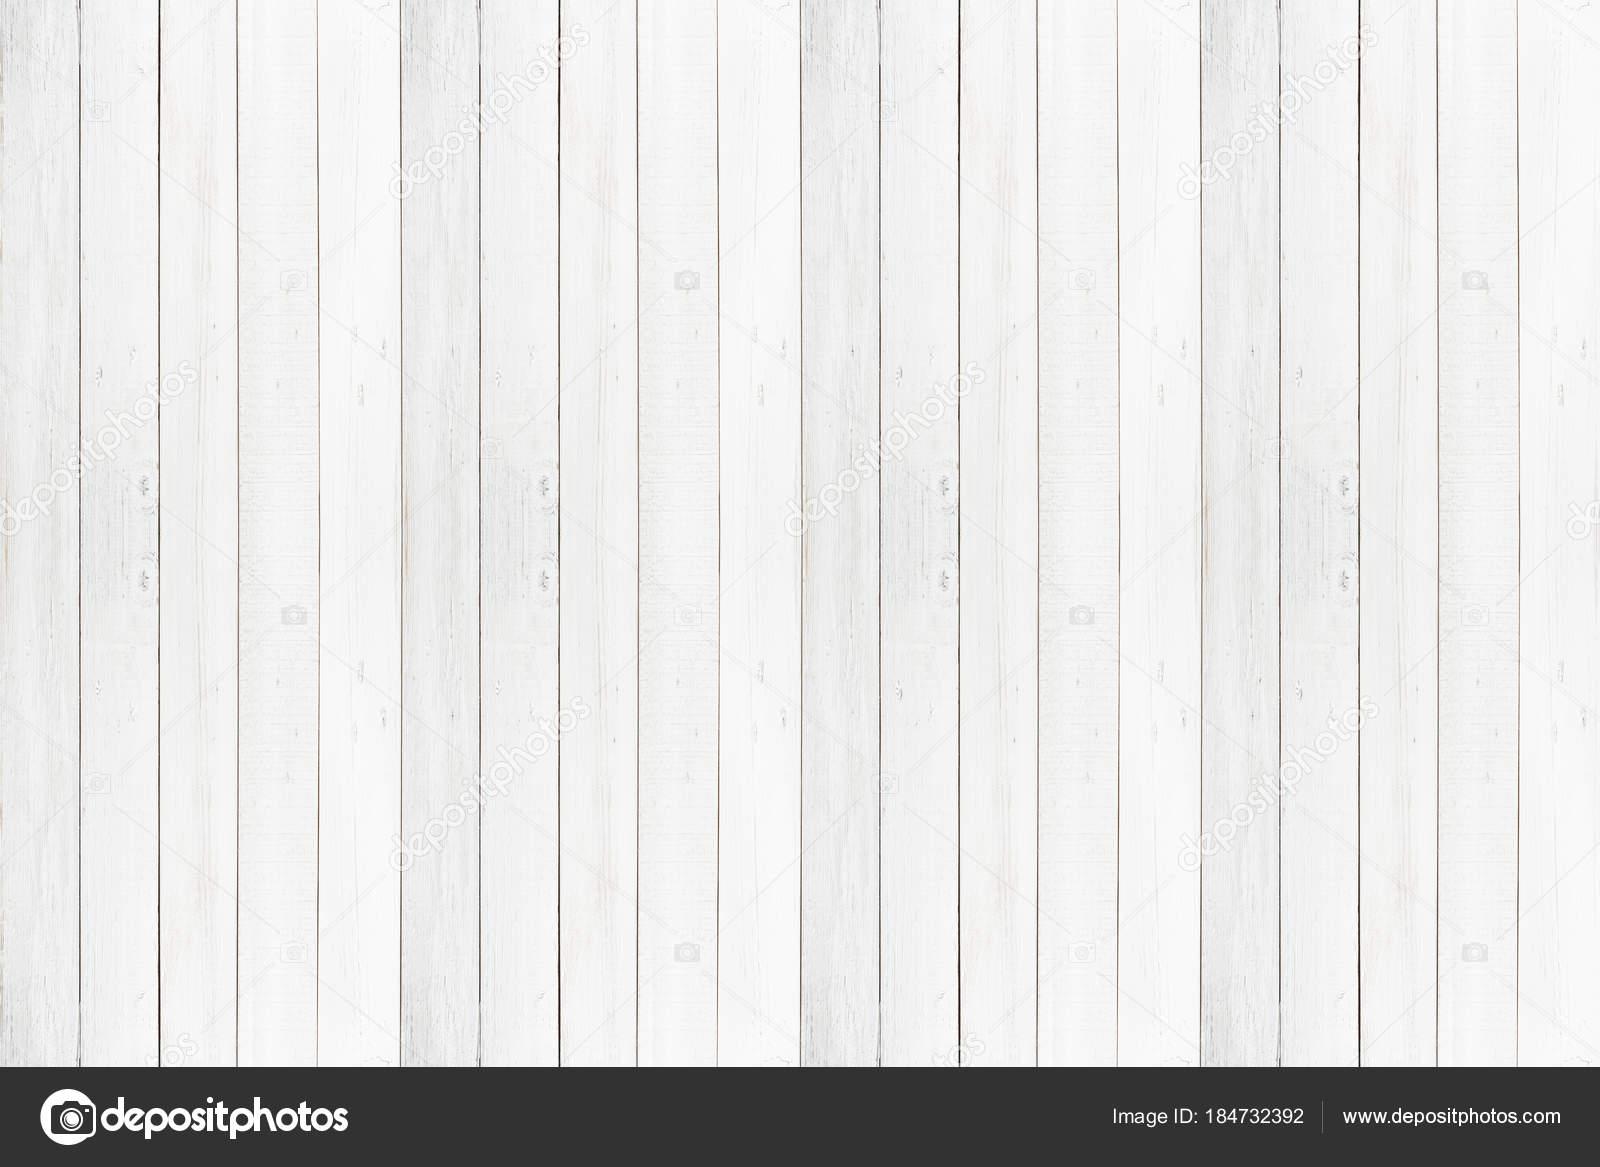 Legno Naturale Bianco : Struttura della parete di legno naturale bianco e fondo senza